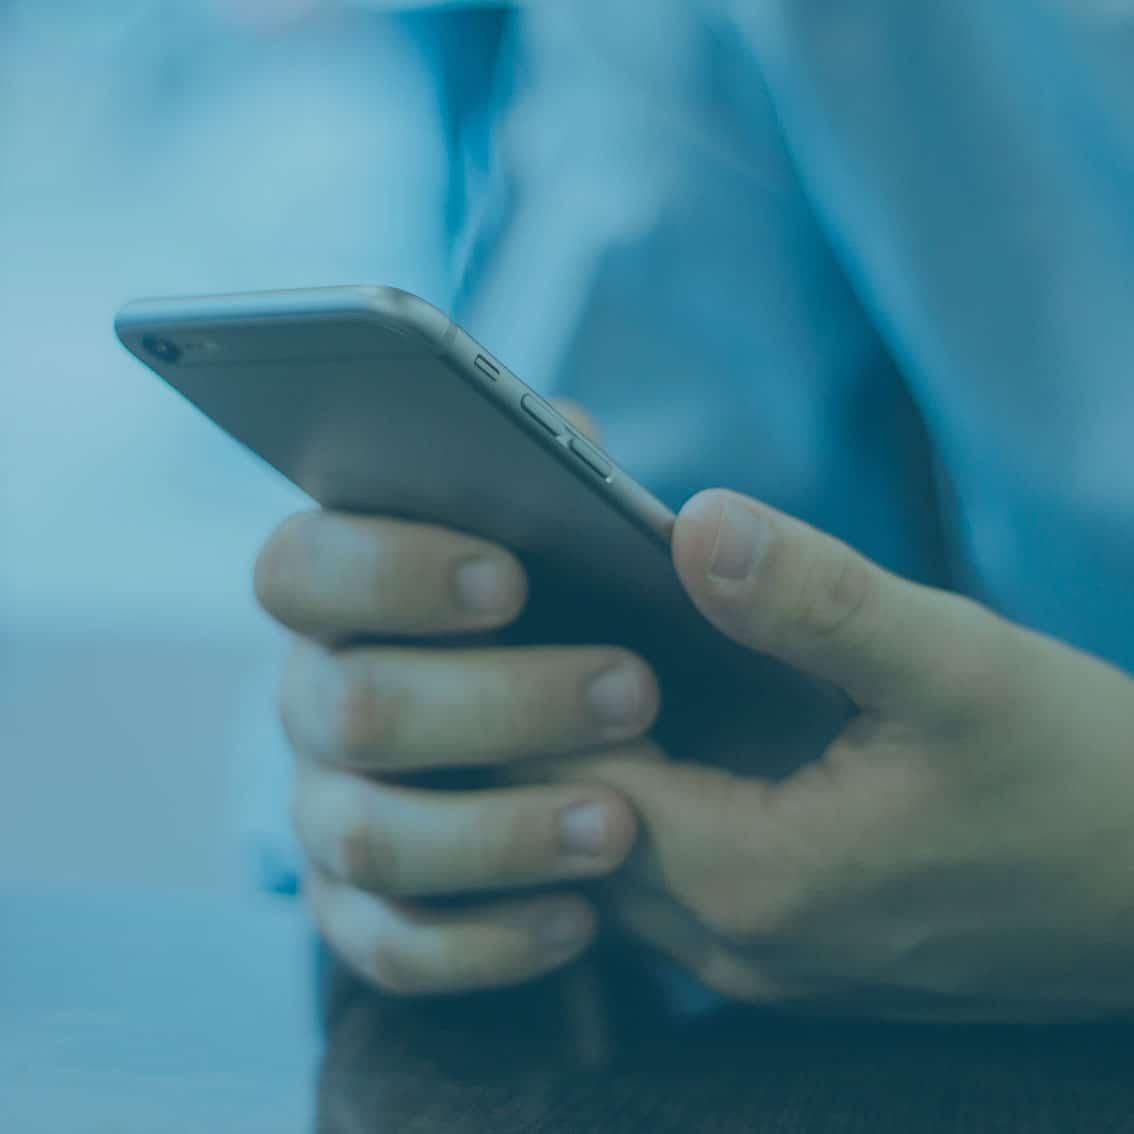 Mobile Interaktion am Smartphone für Online & Hybrid Events